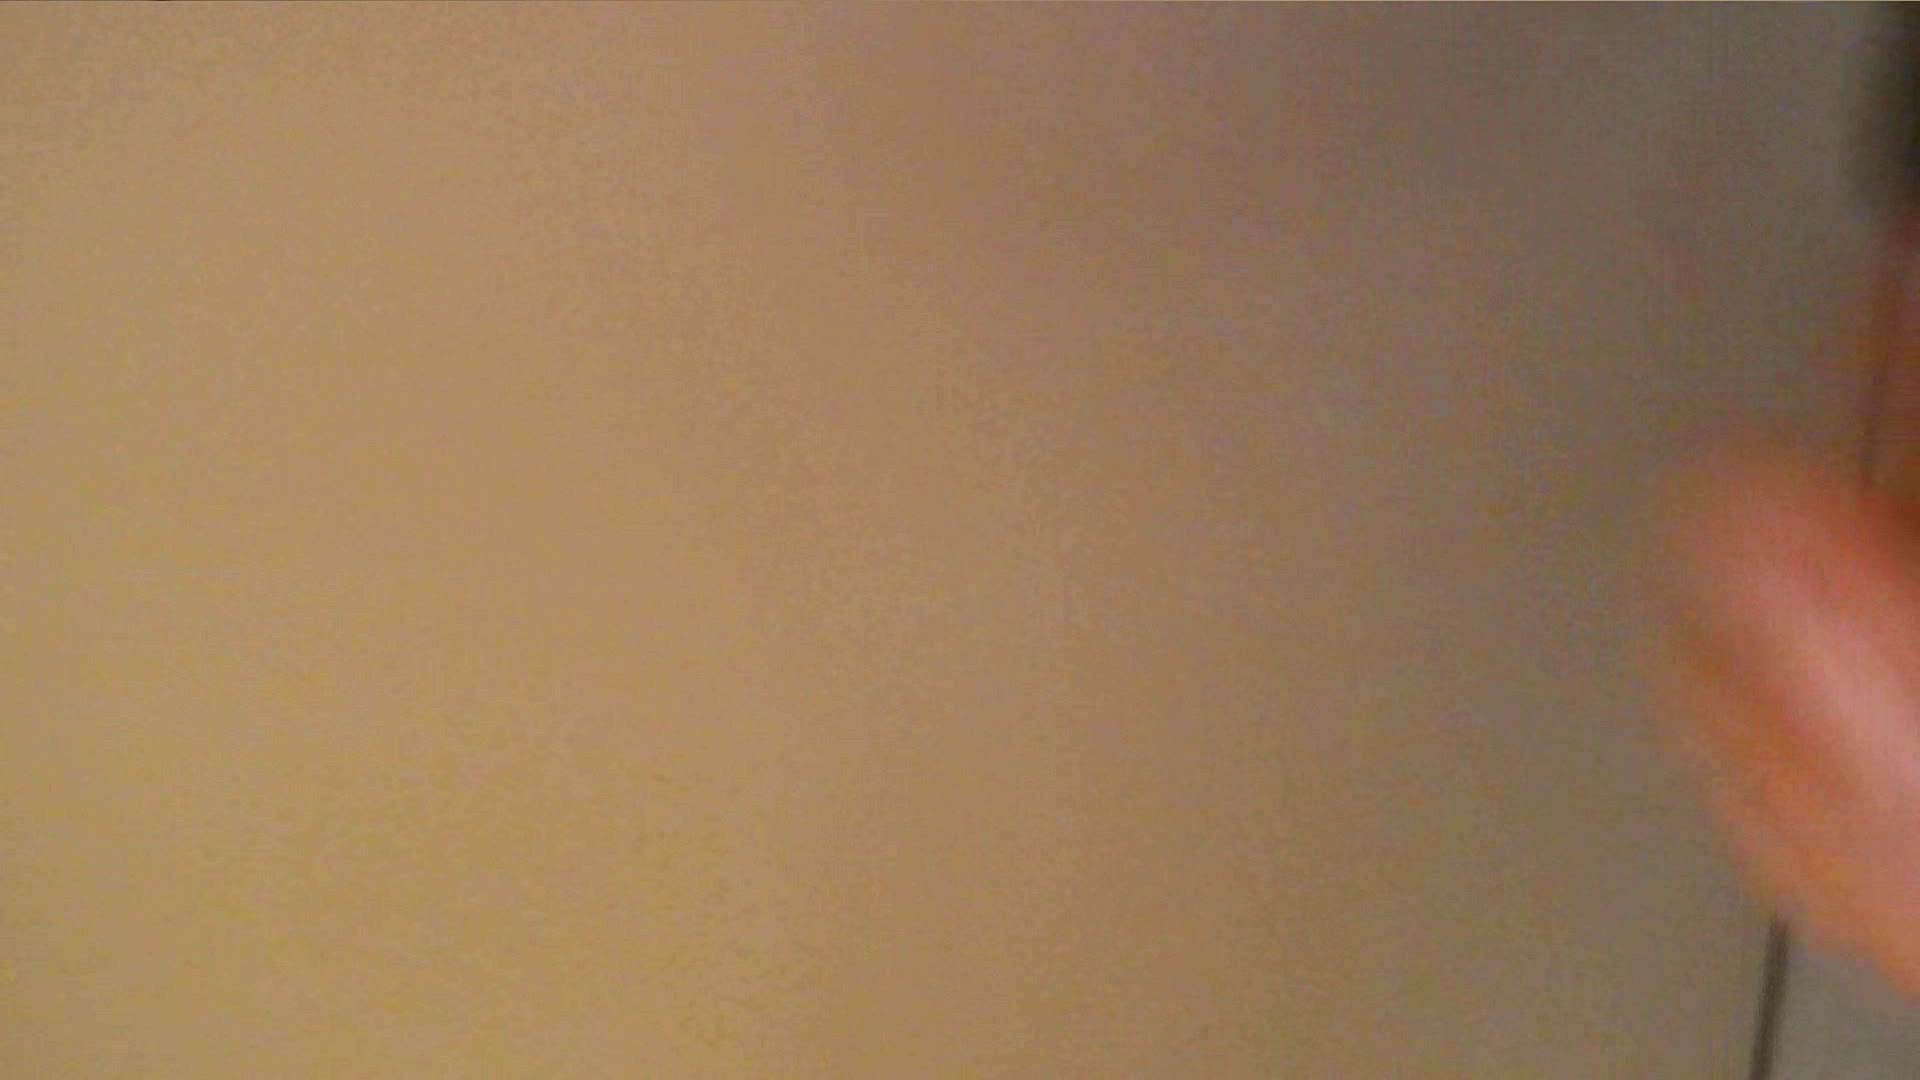 洗寿観音さんの 化粧室は四面楚歌Nol.4 洗面所  55連発 28